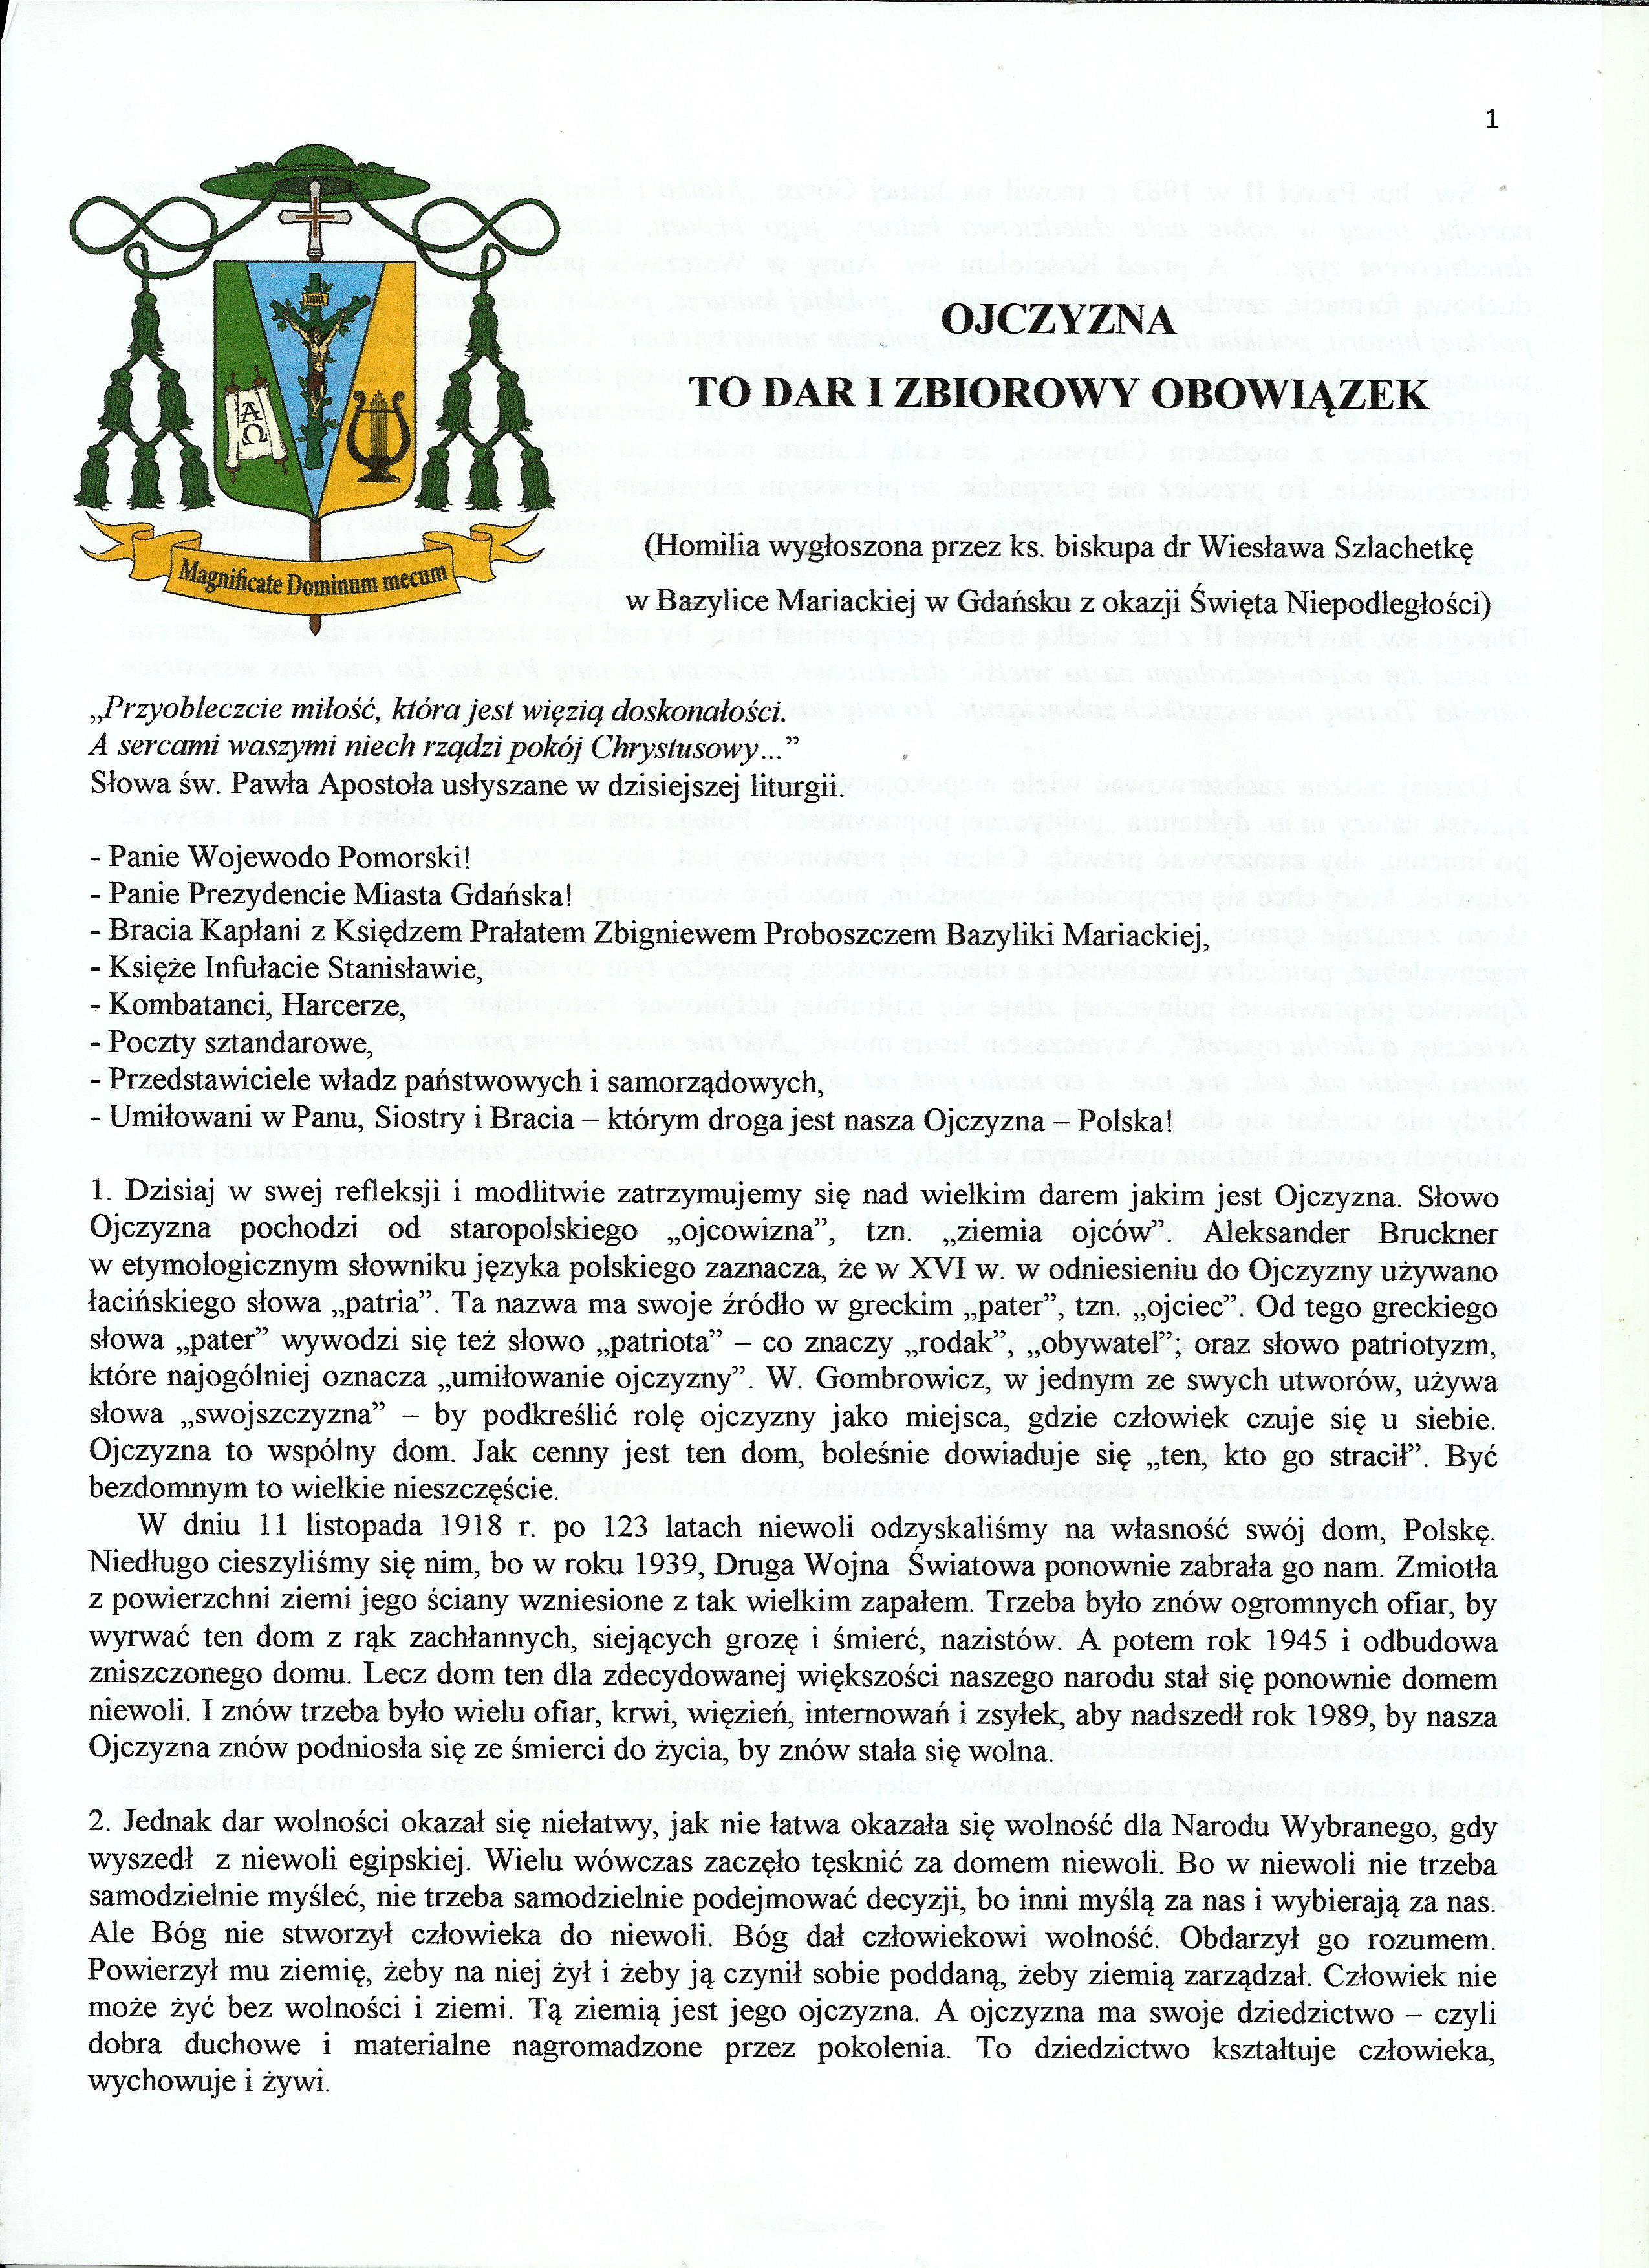 OJCZYZNA TO DAR I ZBIOROWYOBOWIĄZEK - bp Wiesław Szlachetka0001